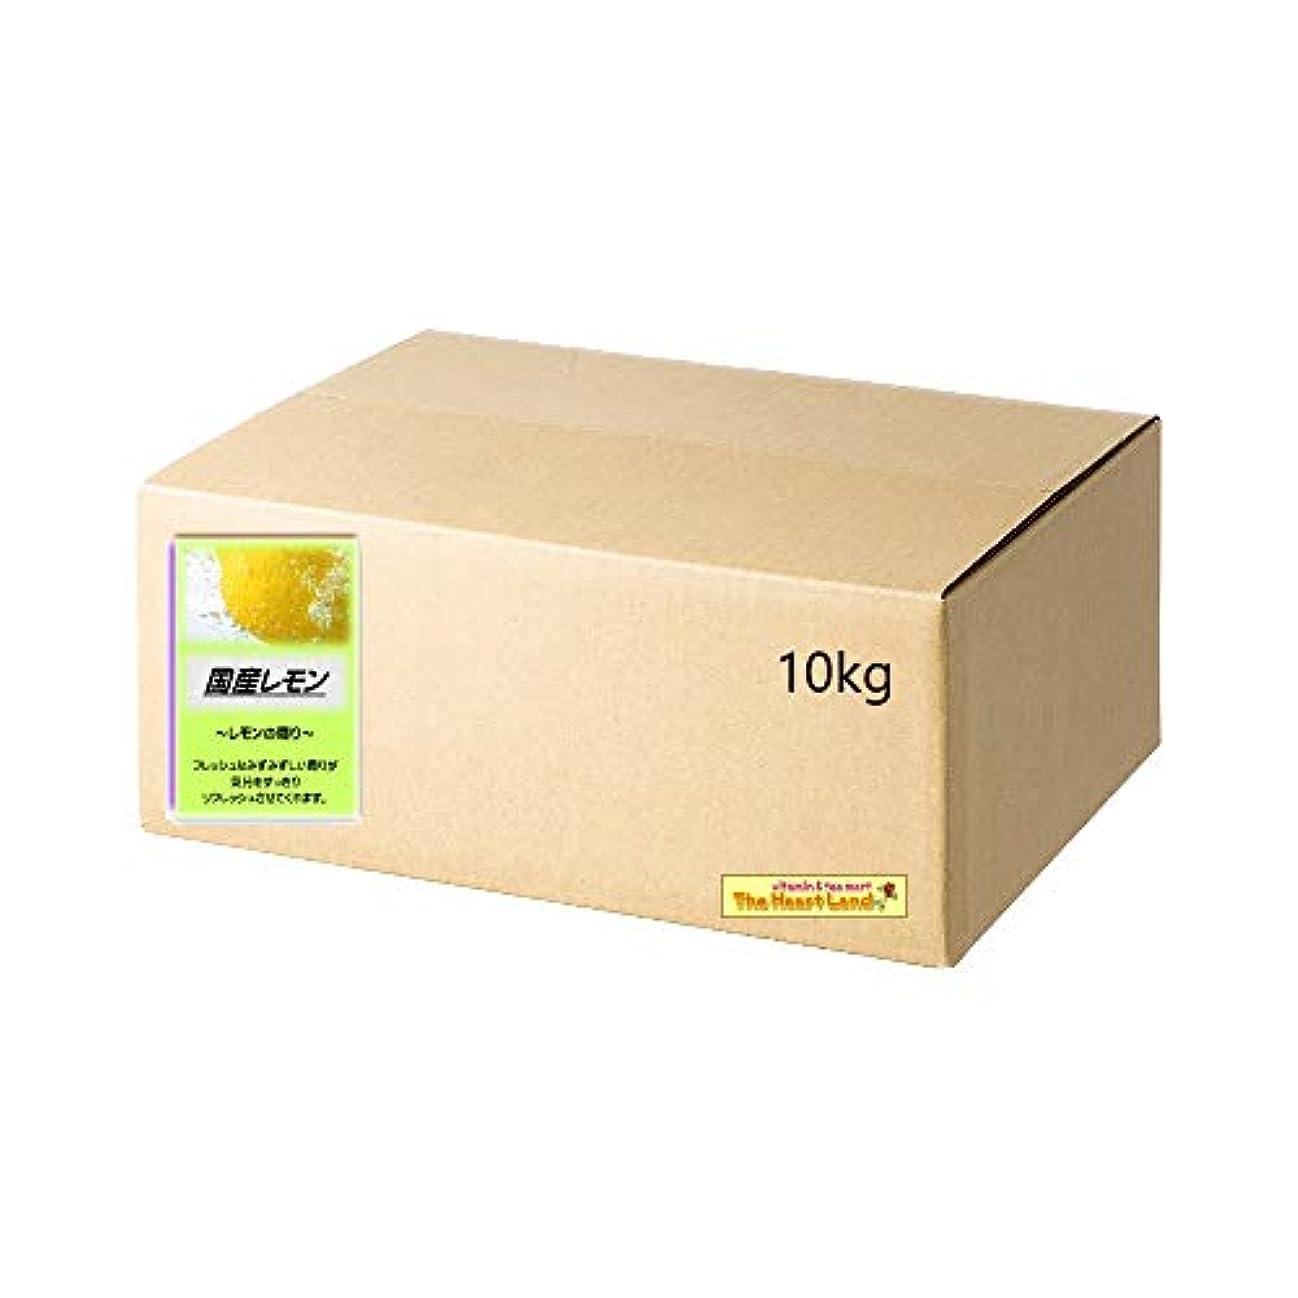 作り上げるパッチ最終的にアサヒ入浴剤 浴用入浴化粧品 国産レモン 10kg